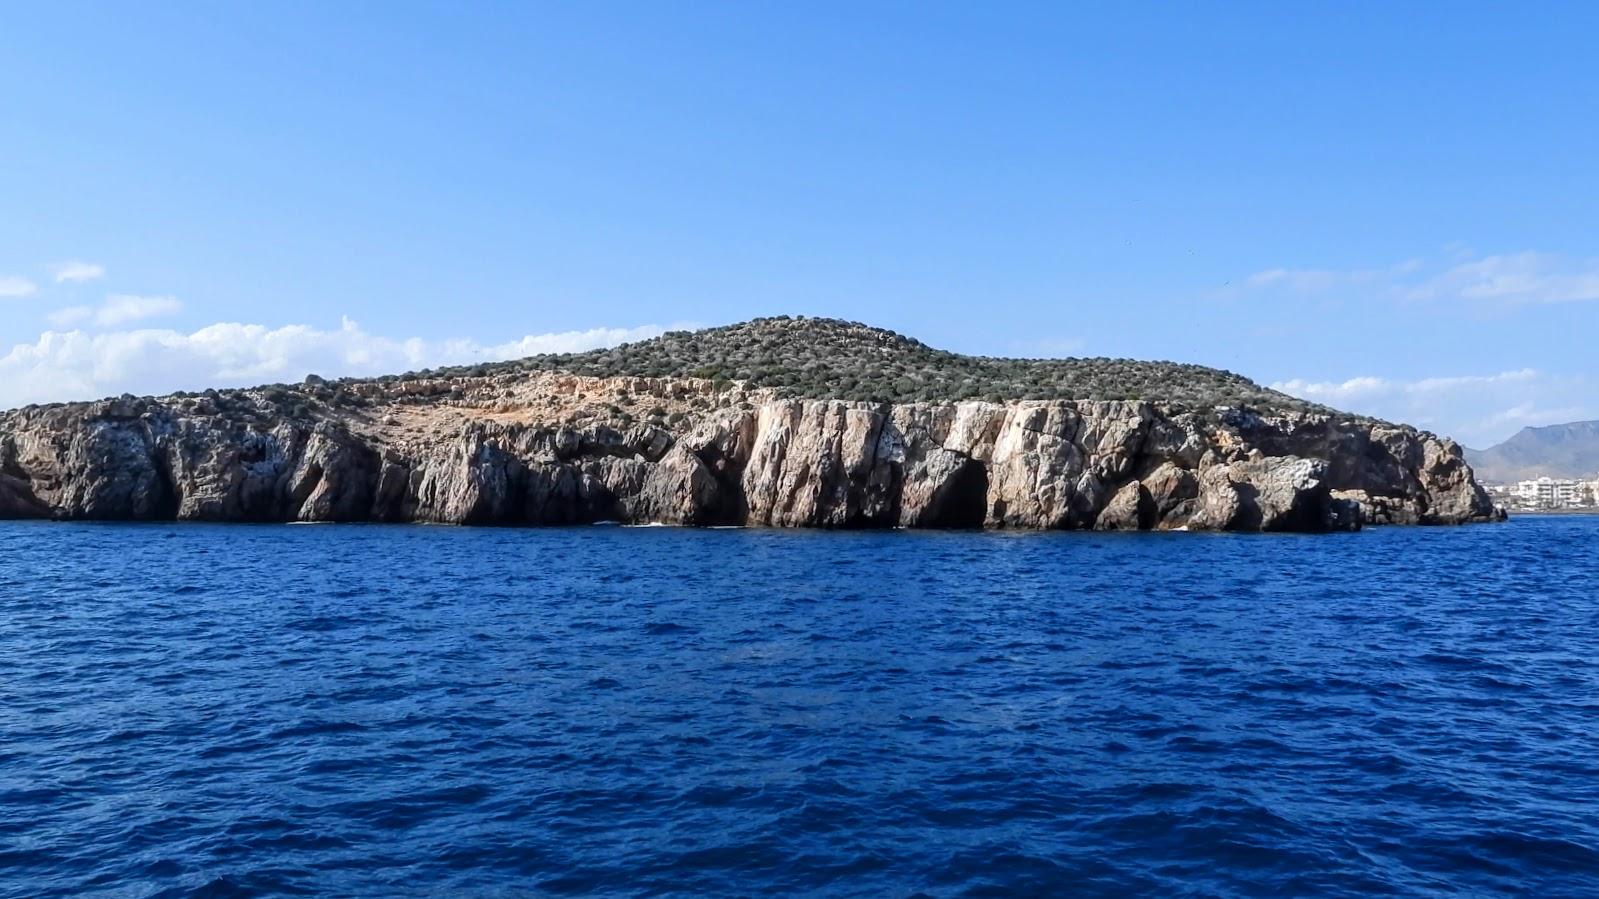 La Isla, Mazarrón, Región de Murcia